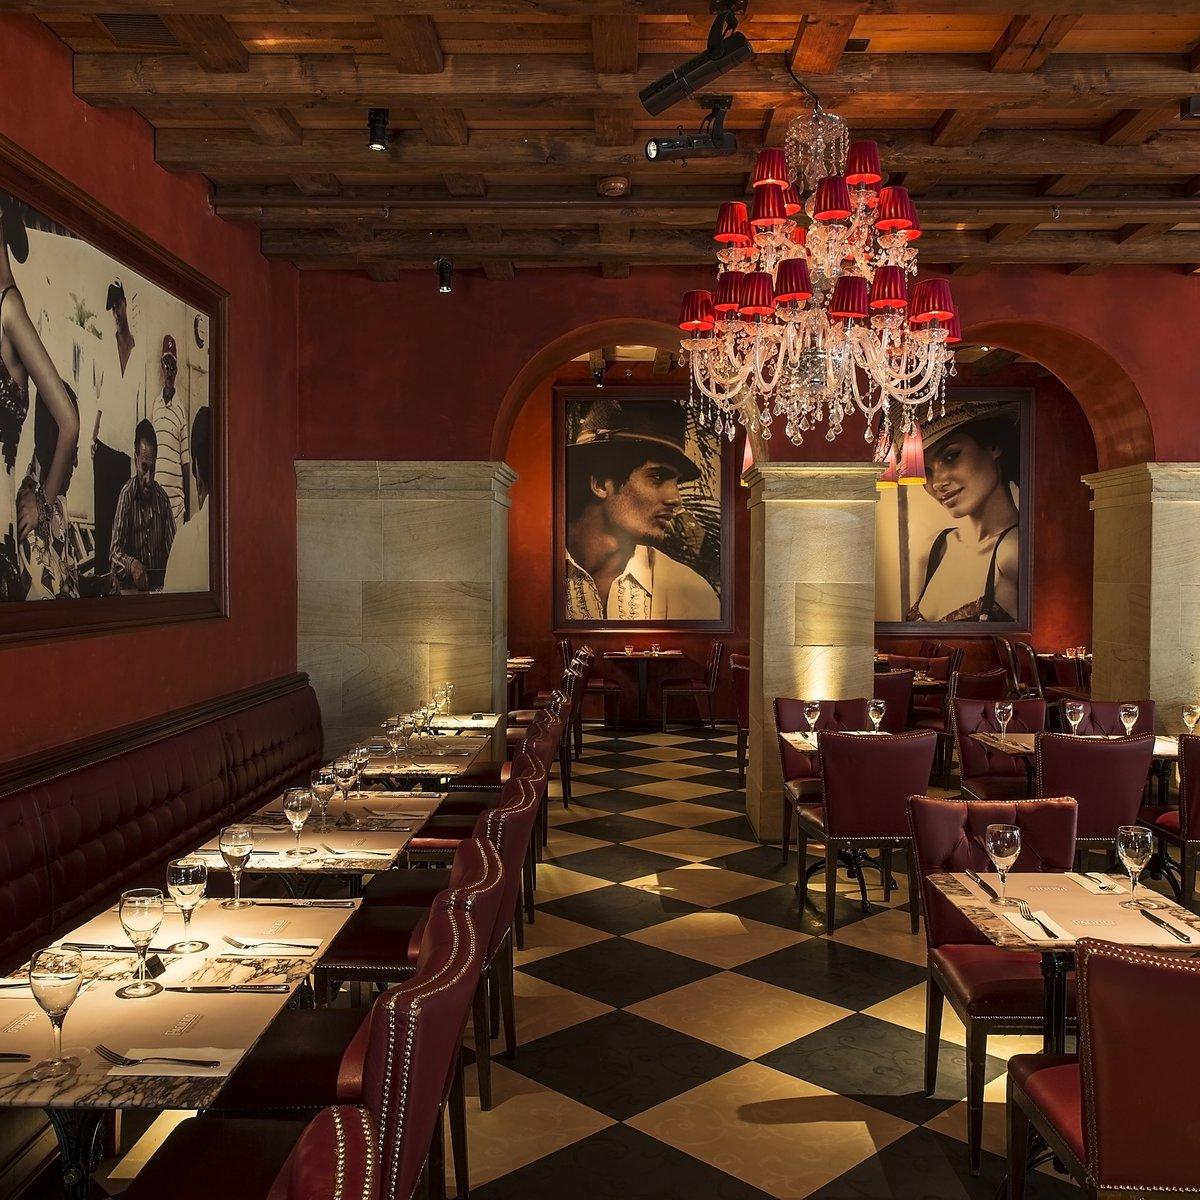 Pacifico - Mexican Cantina & Bar